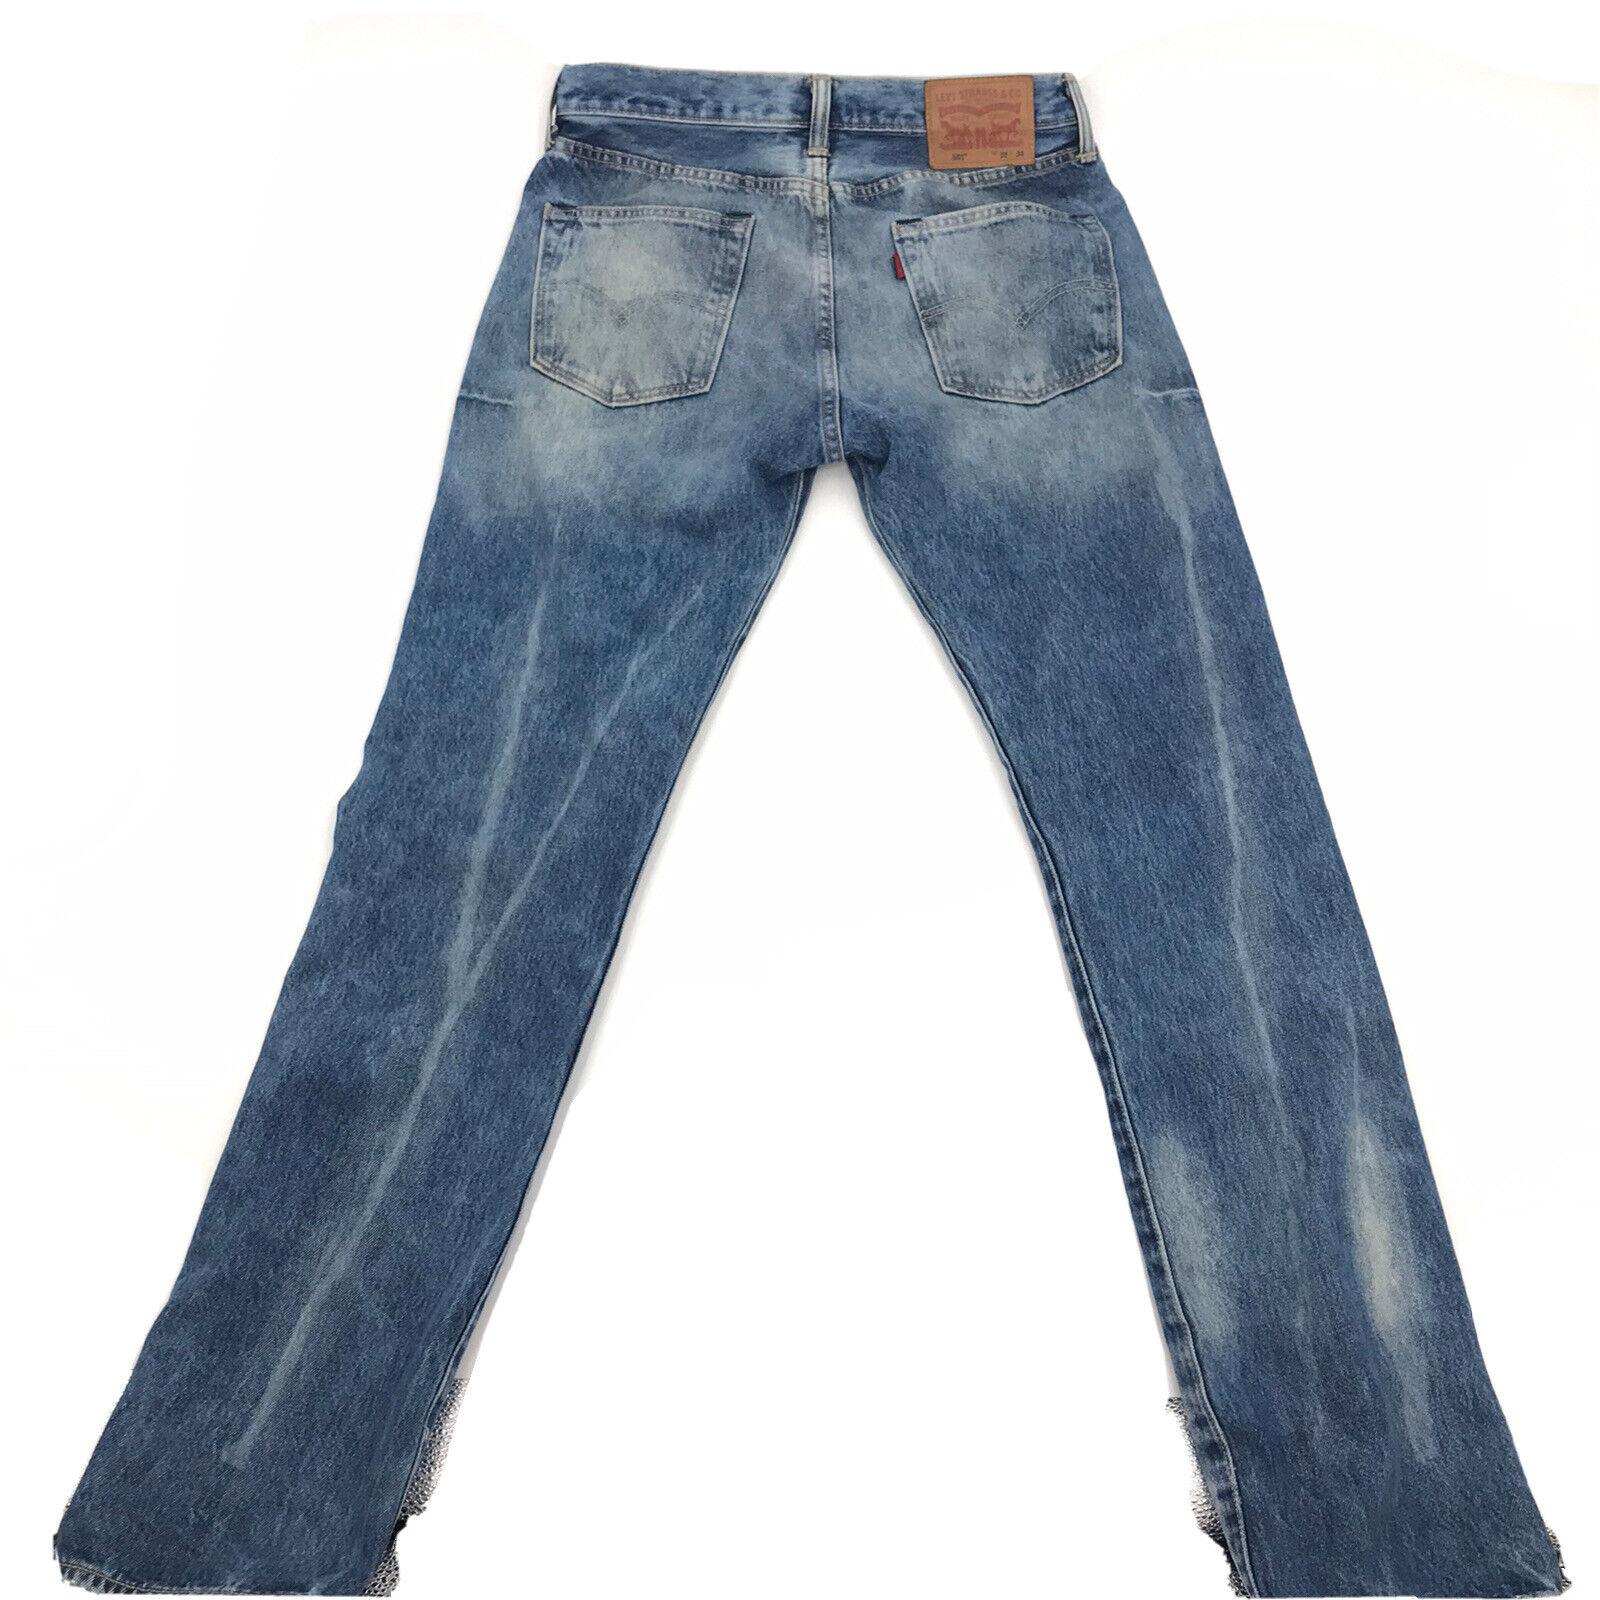 Levis 501 Mens Blue Denim Distressed Jeans Sz 32W - image 7